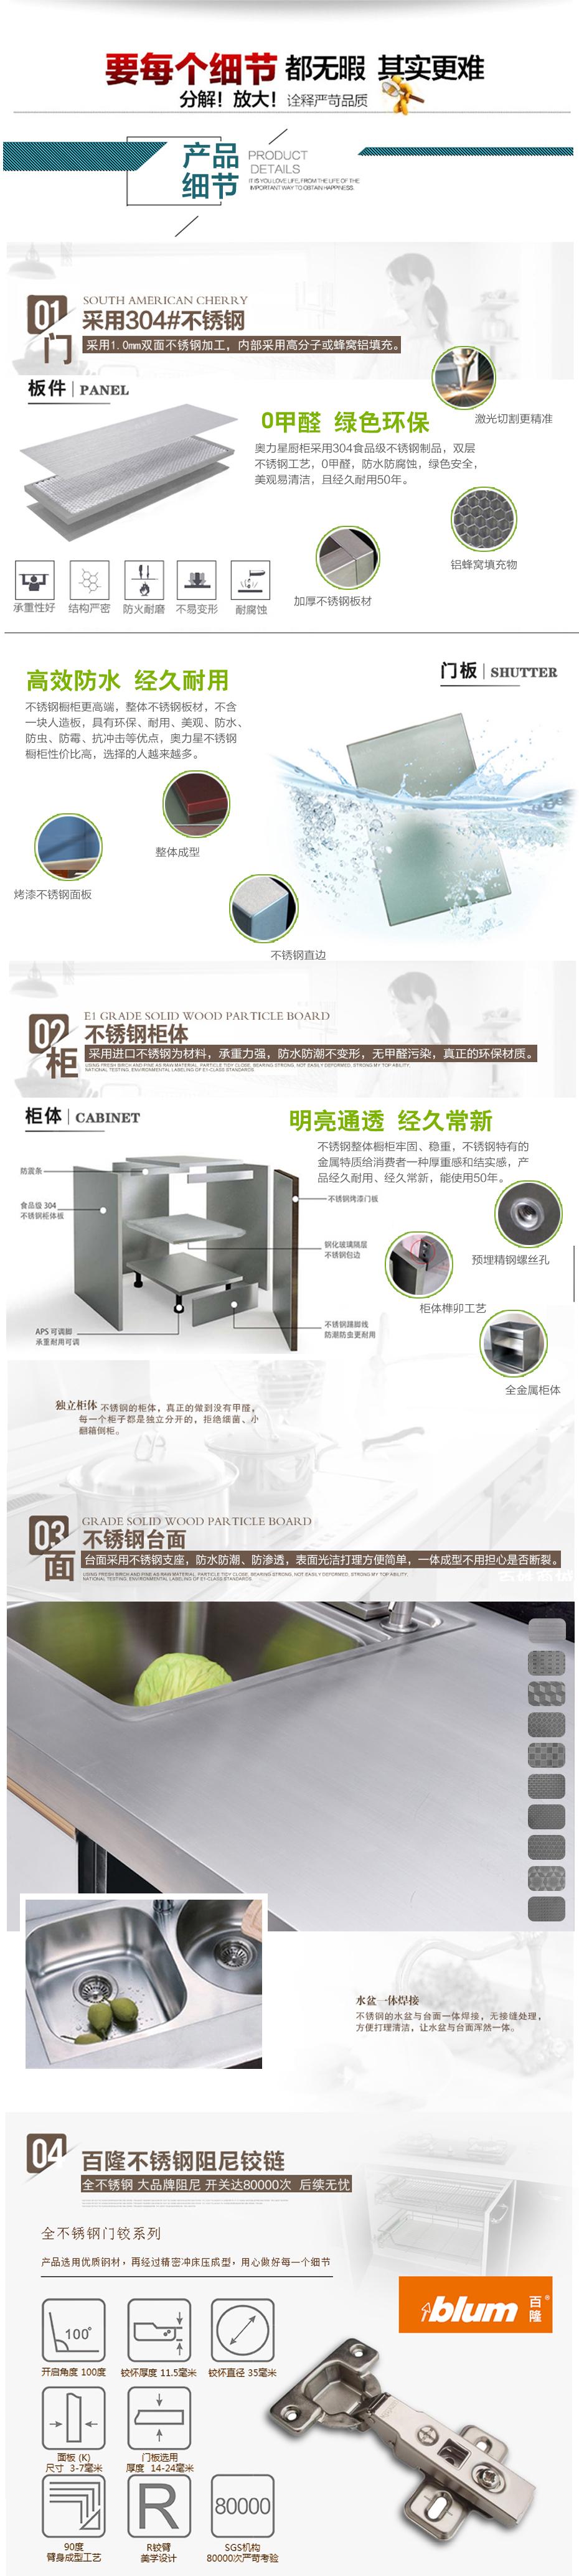 定制橱柜的产品细节